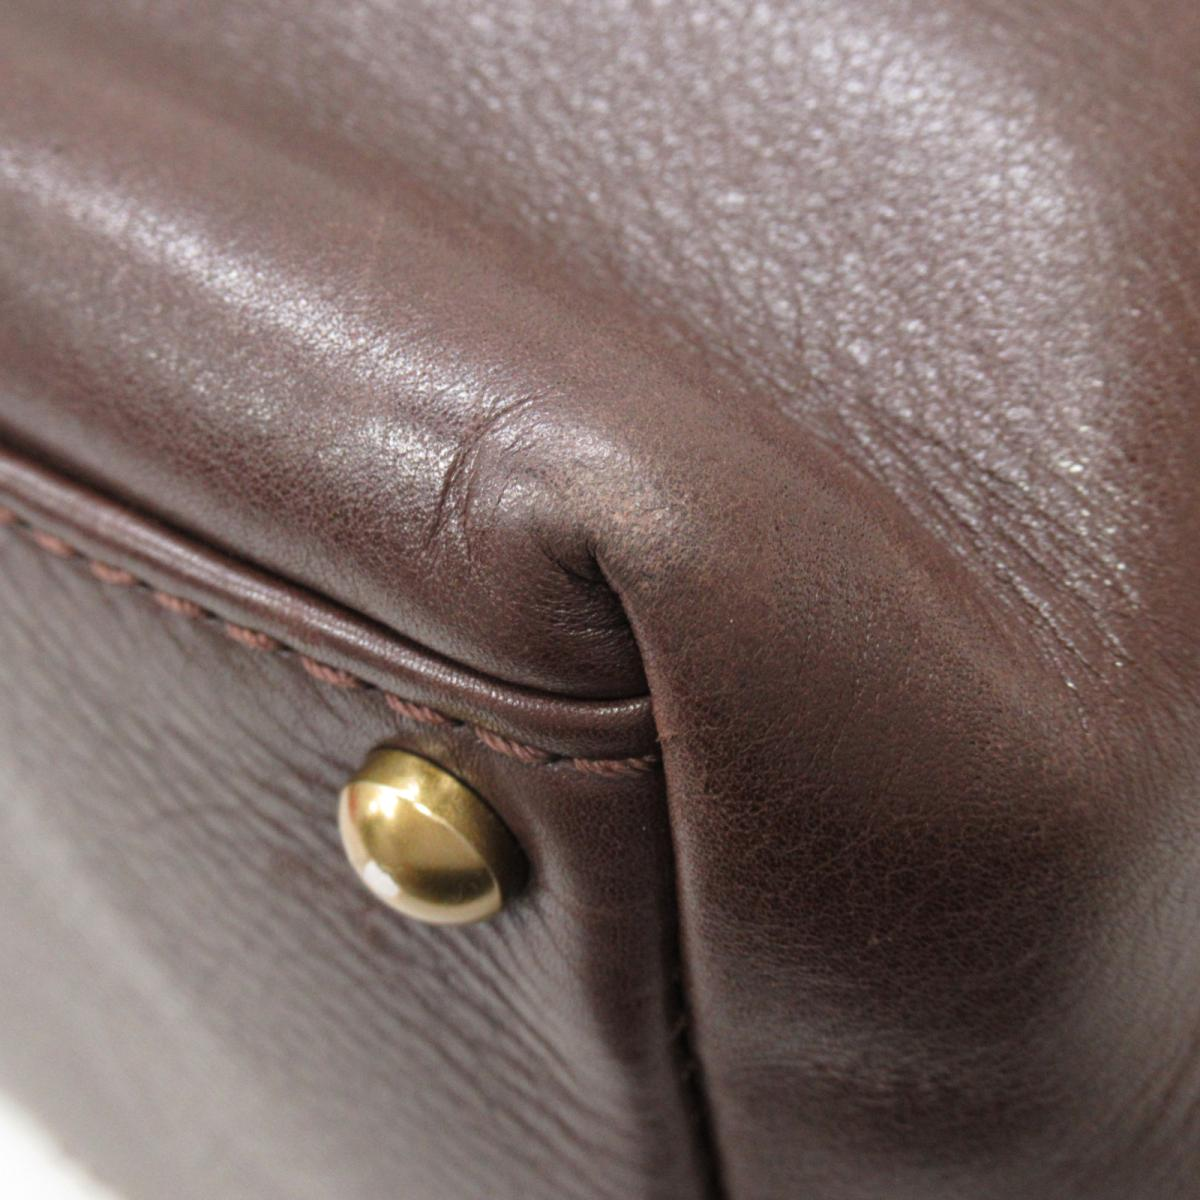 シャネル ハンドバッグ バッグ レディース レザー ブラウンゴールド金具CHANEL BRANDOFF ブランドオフ ブランド ブランドバッグ バック ハンドバック ハンド3q4RLA5j